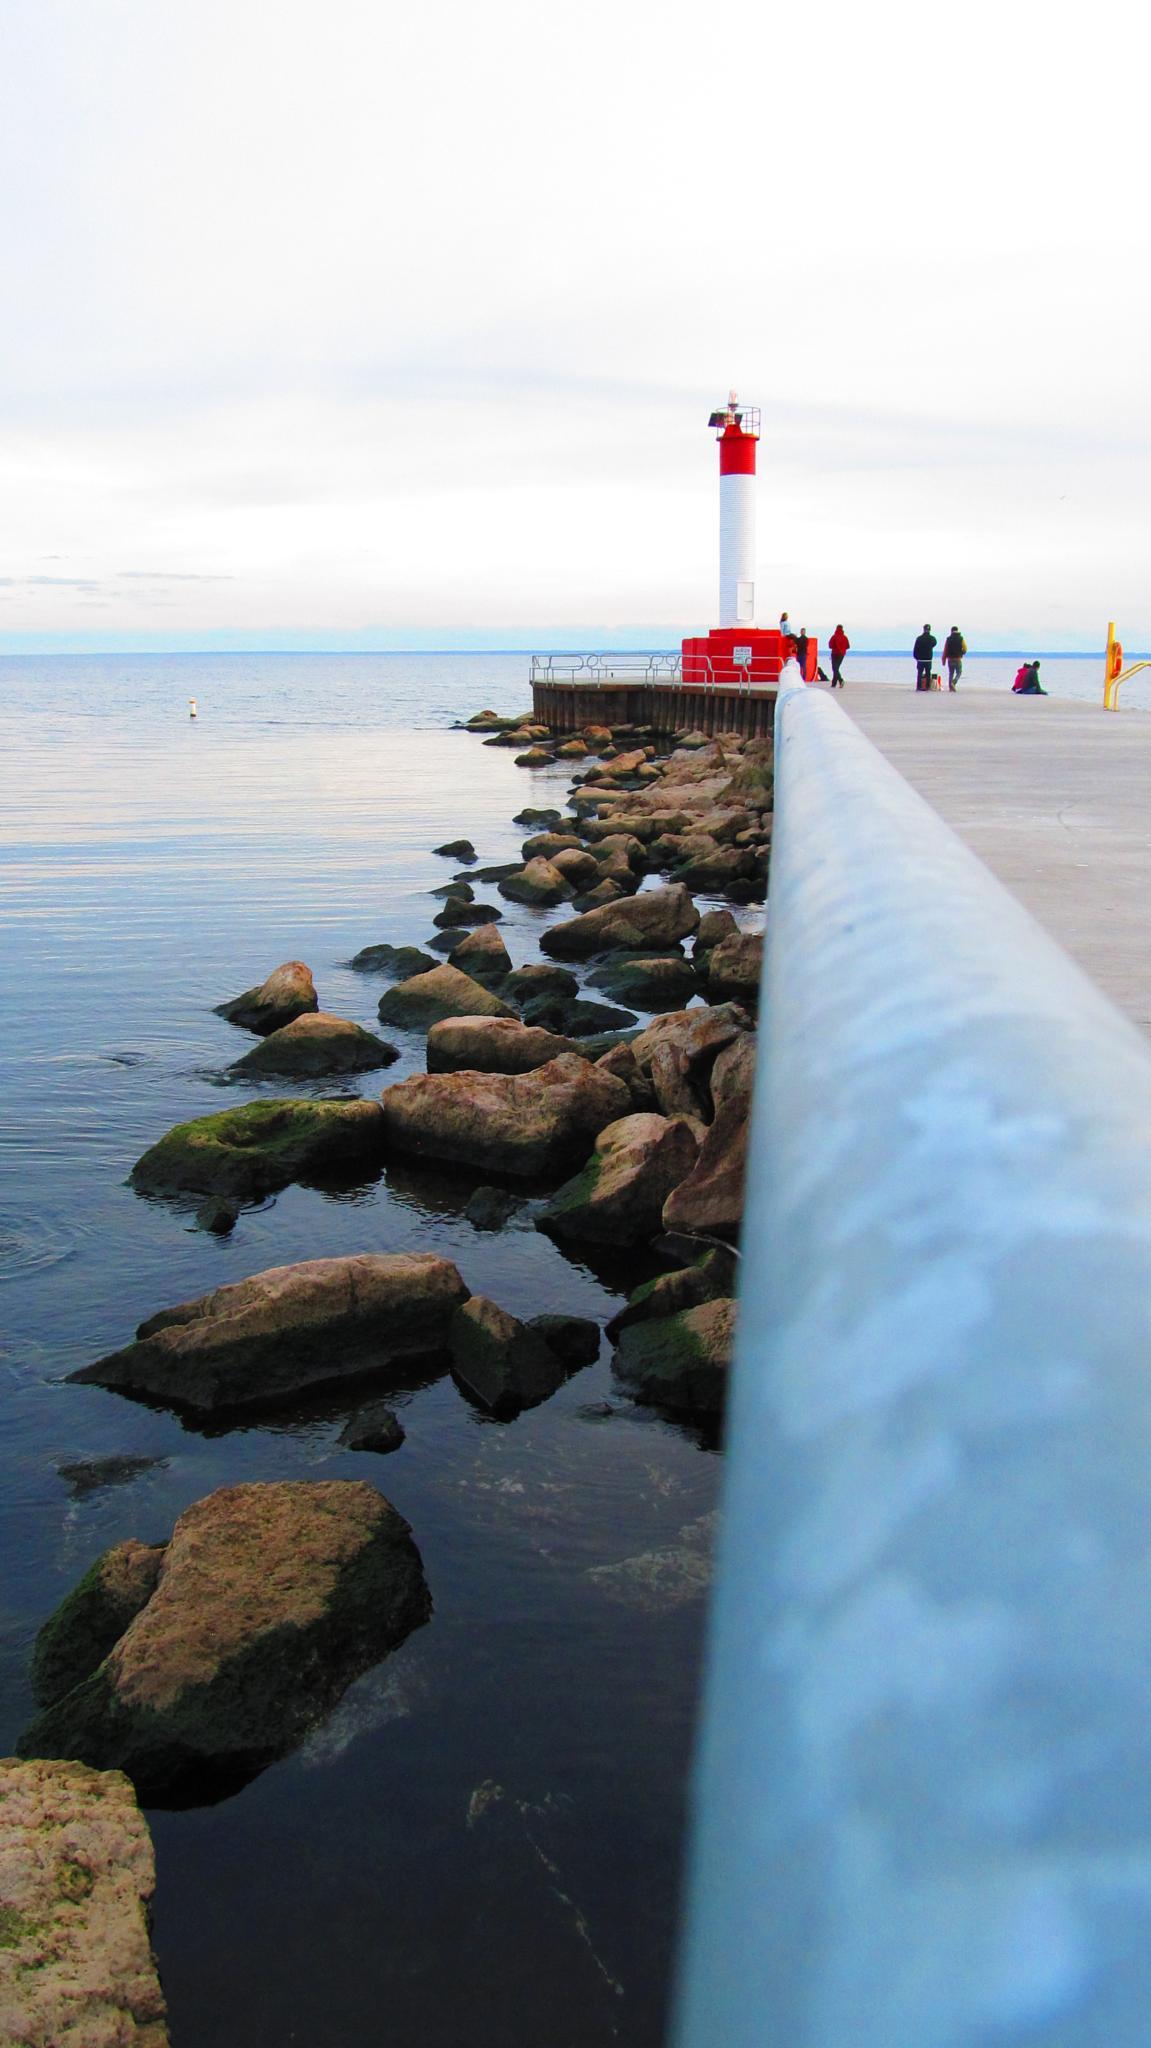 The Pier by simonp